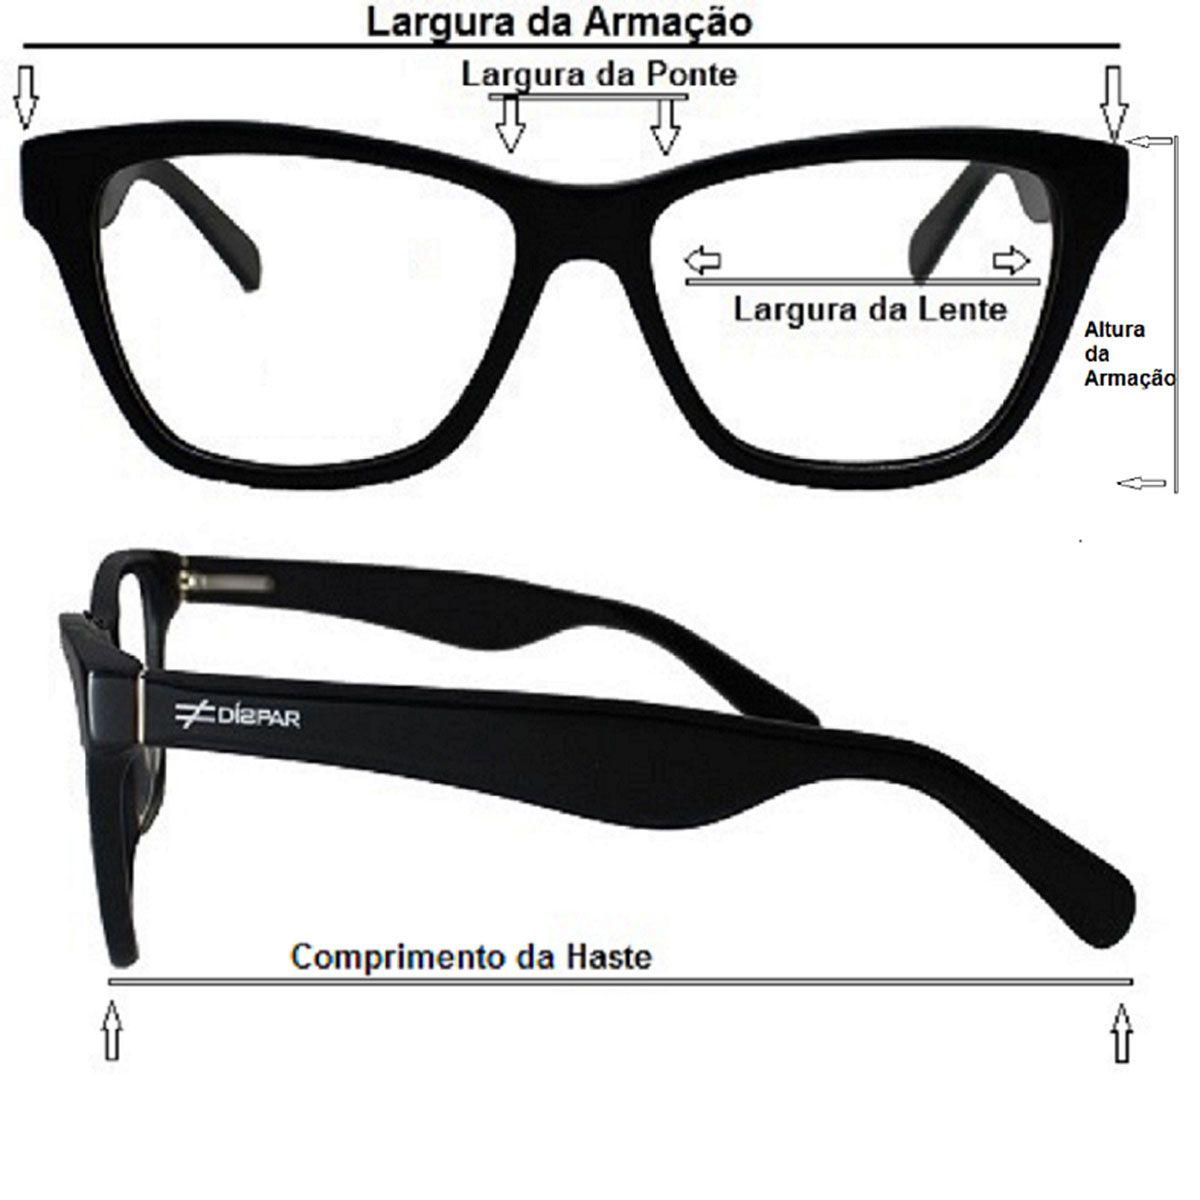 Armação para Óculos Díspar D2208 - Preto